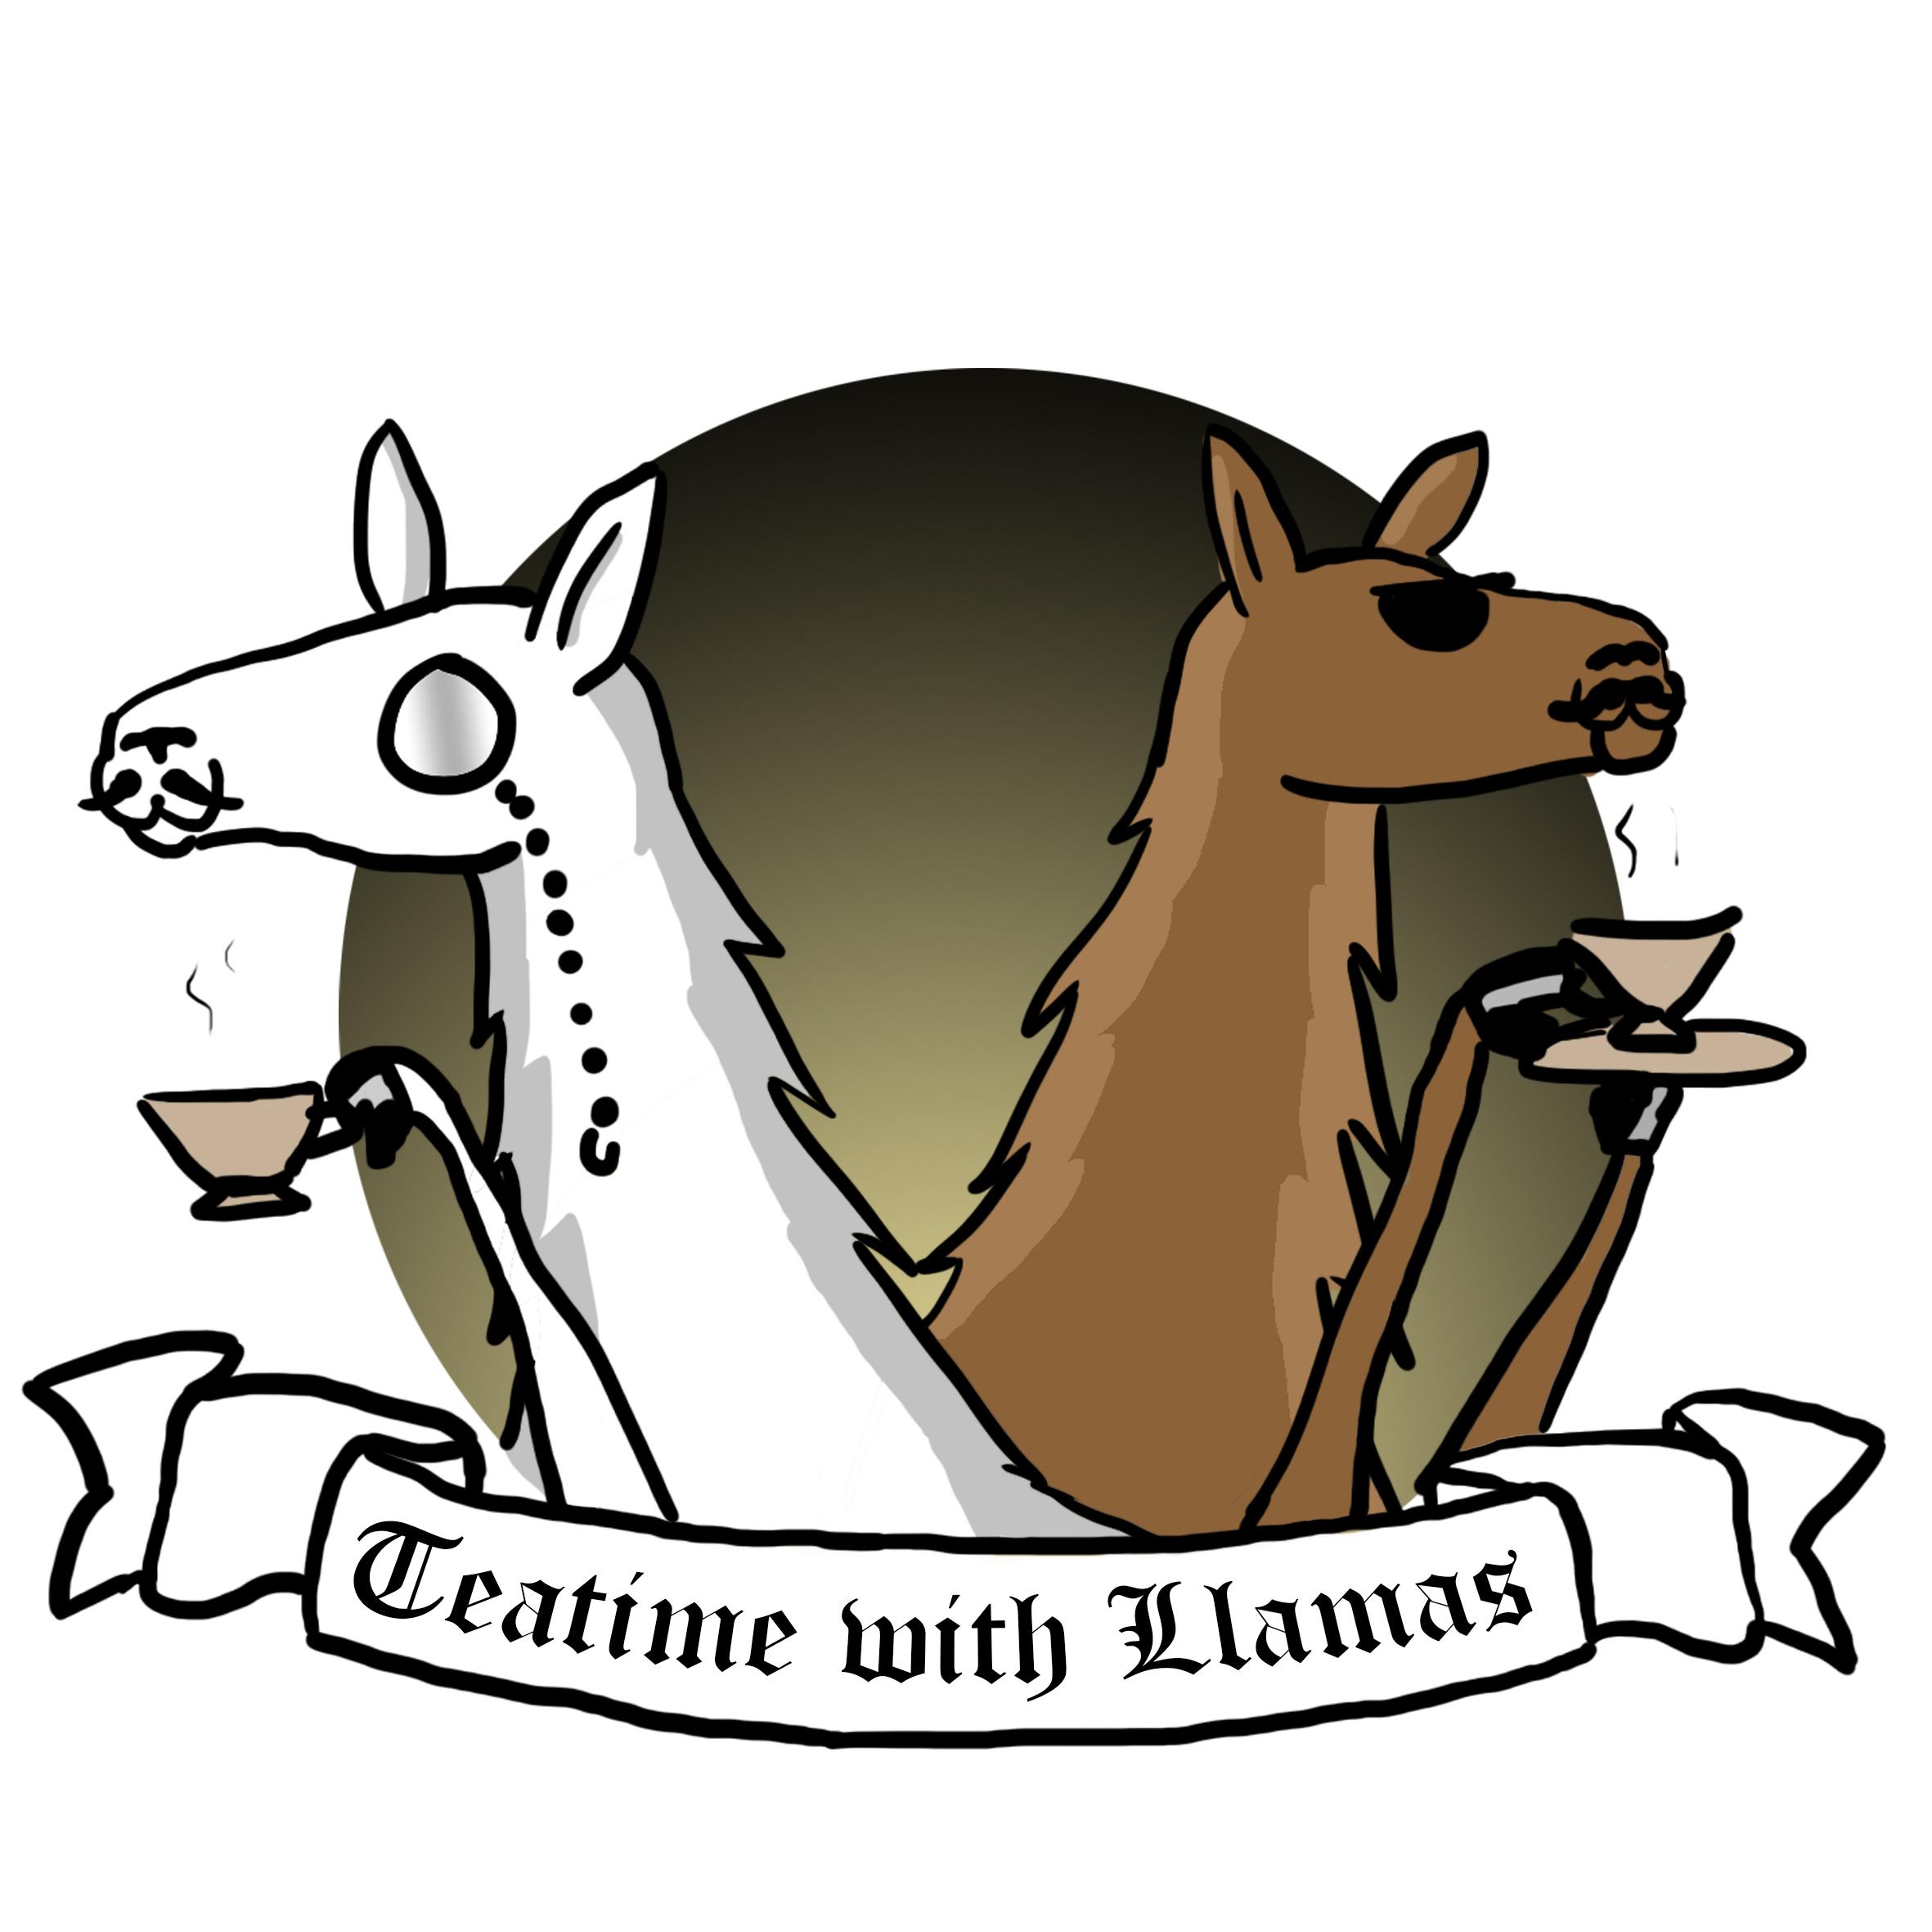 Tea time with llamas Logo